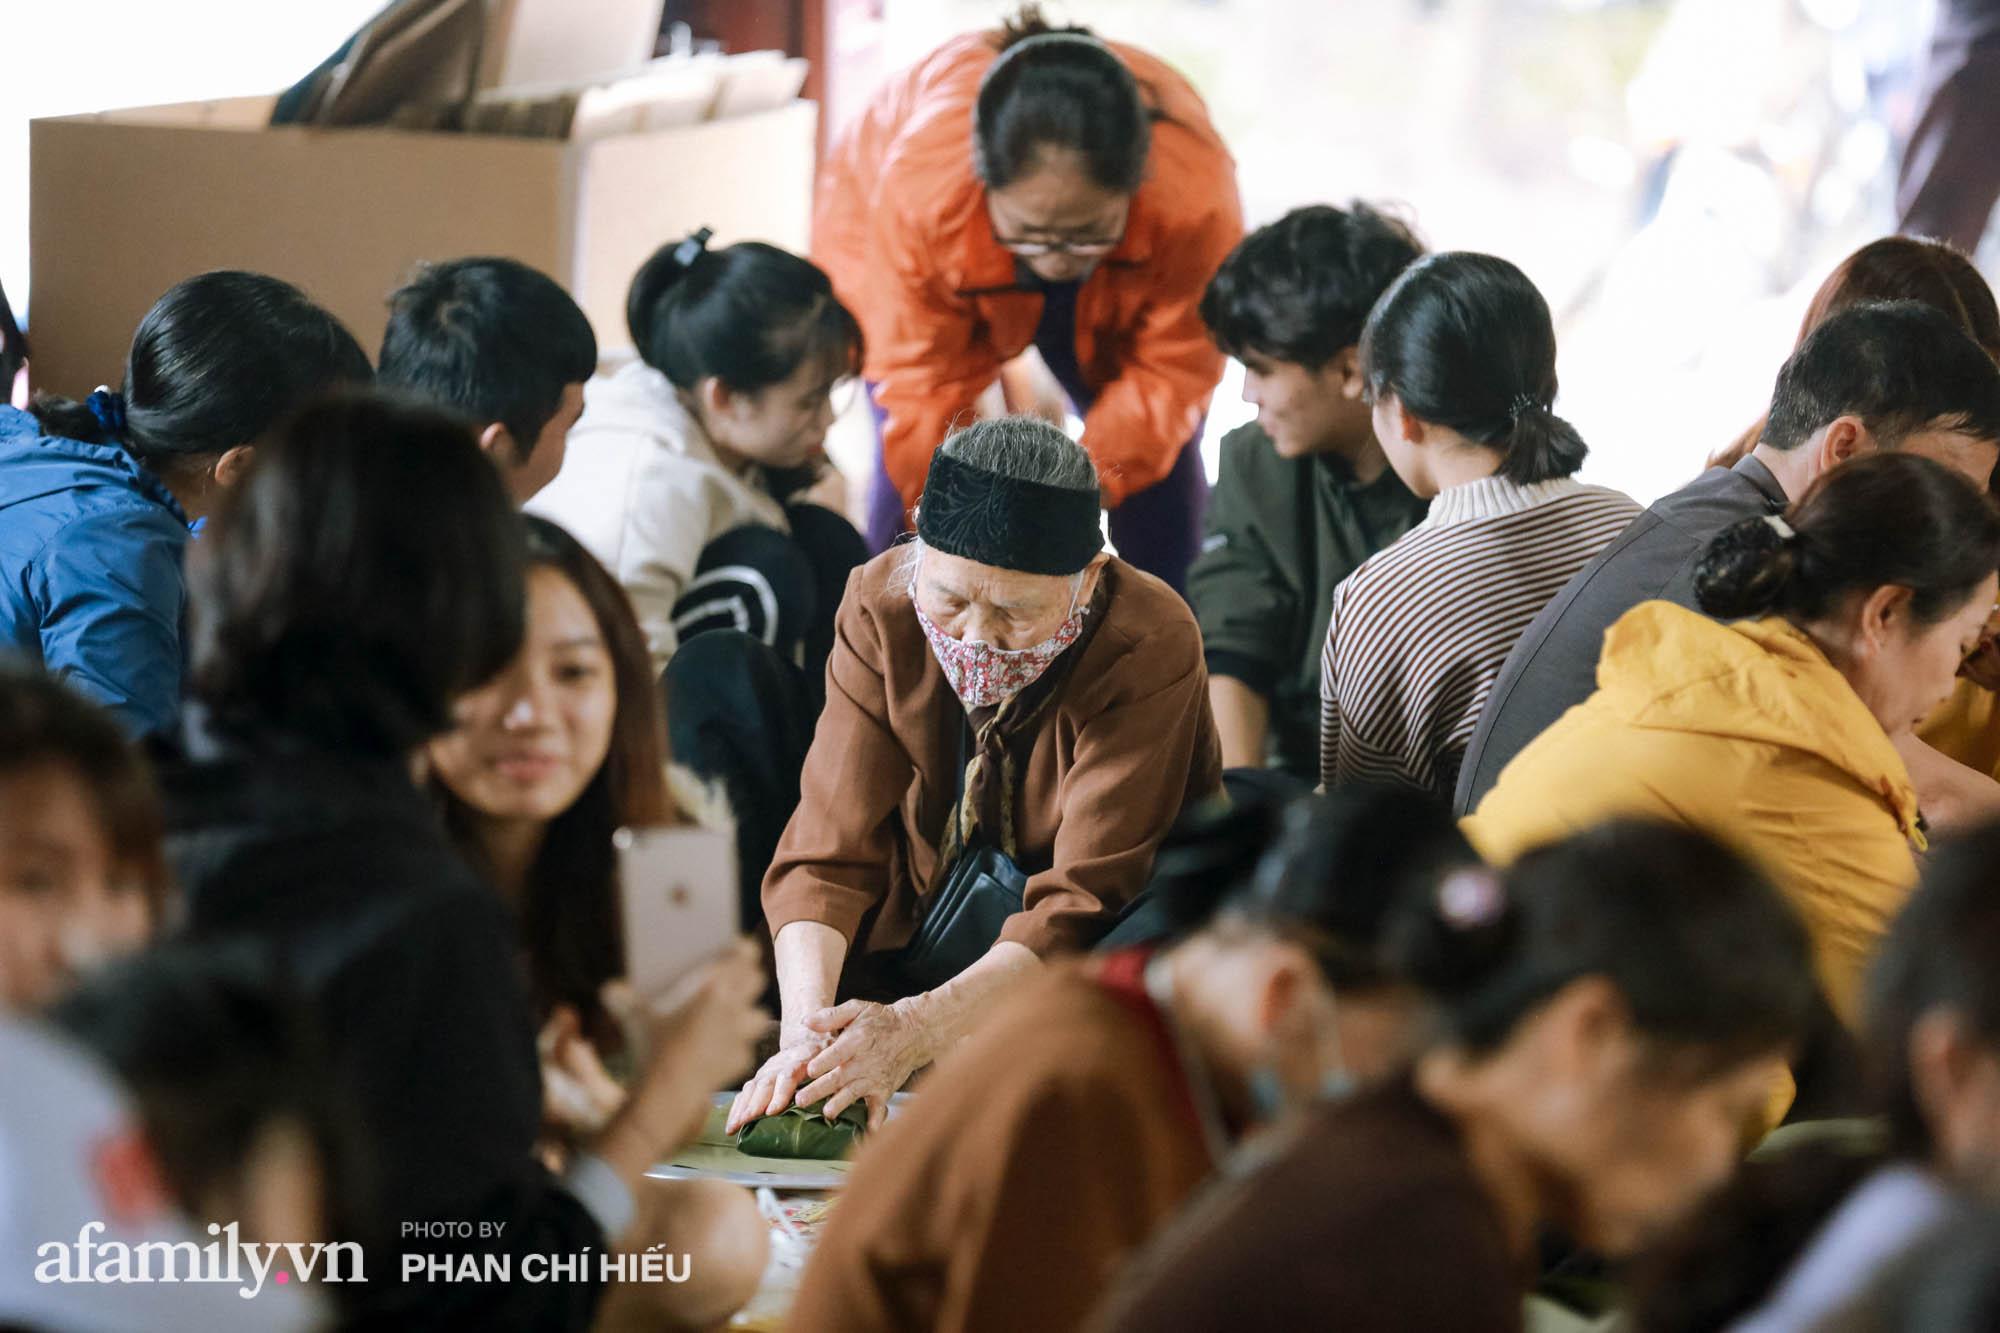 Ngôi chùa ngày đêm sáng đèn làm 7.000 chiếc bánh chưng ủng hộ những người dân vùng rốn lũ miền Trung  - Ảnh 8.